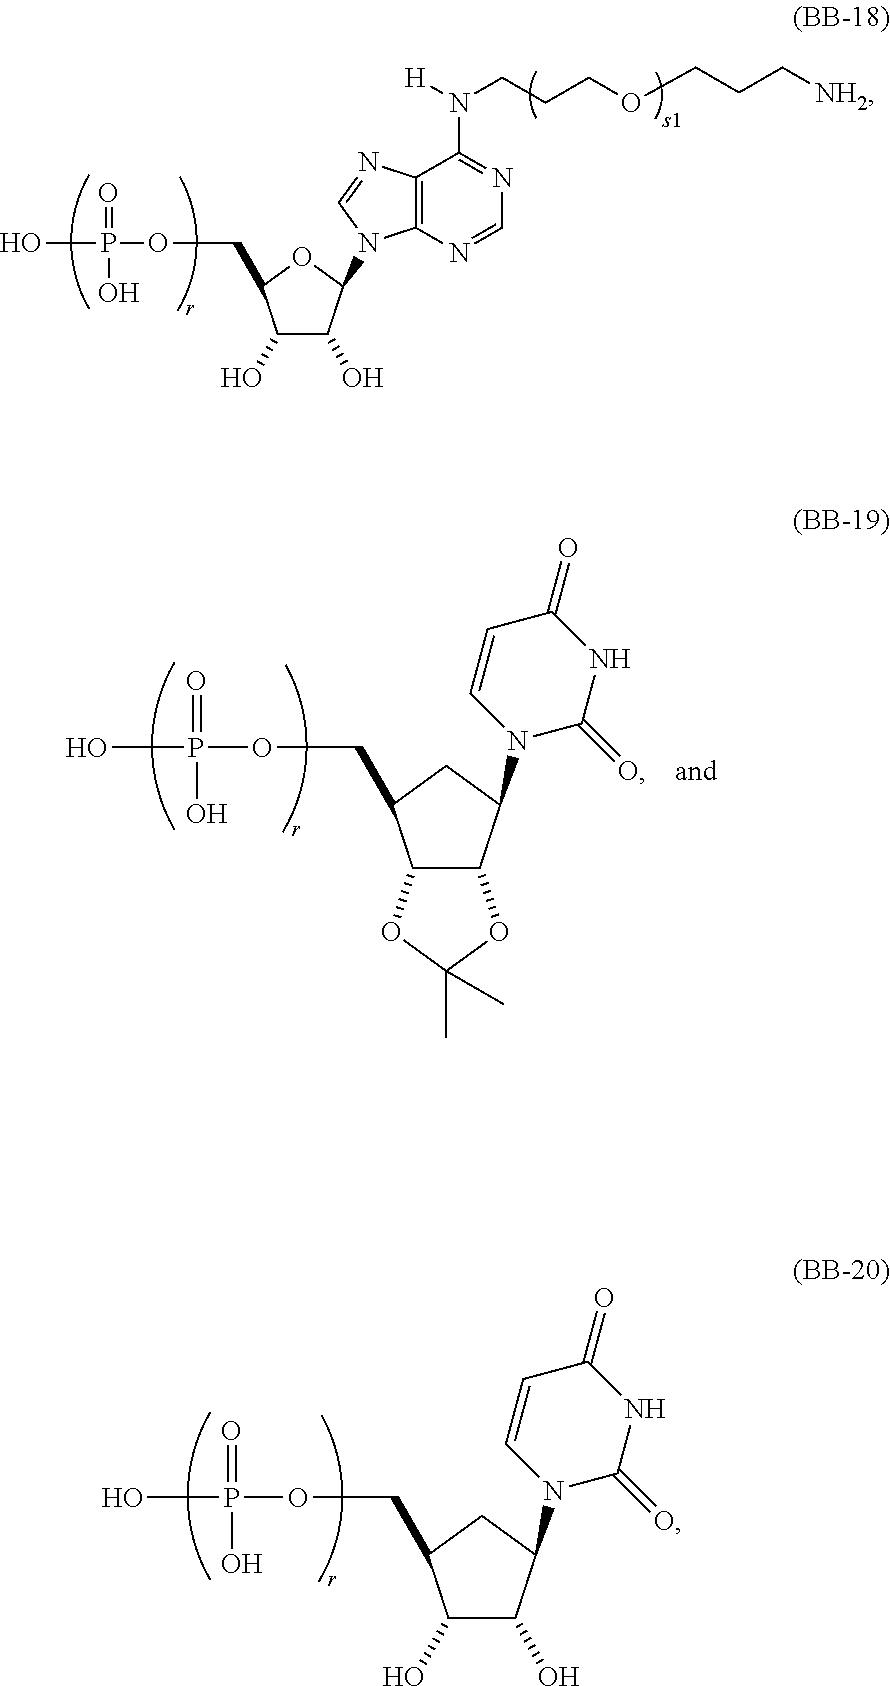 Figure US20150315541A1-20151105-C00035